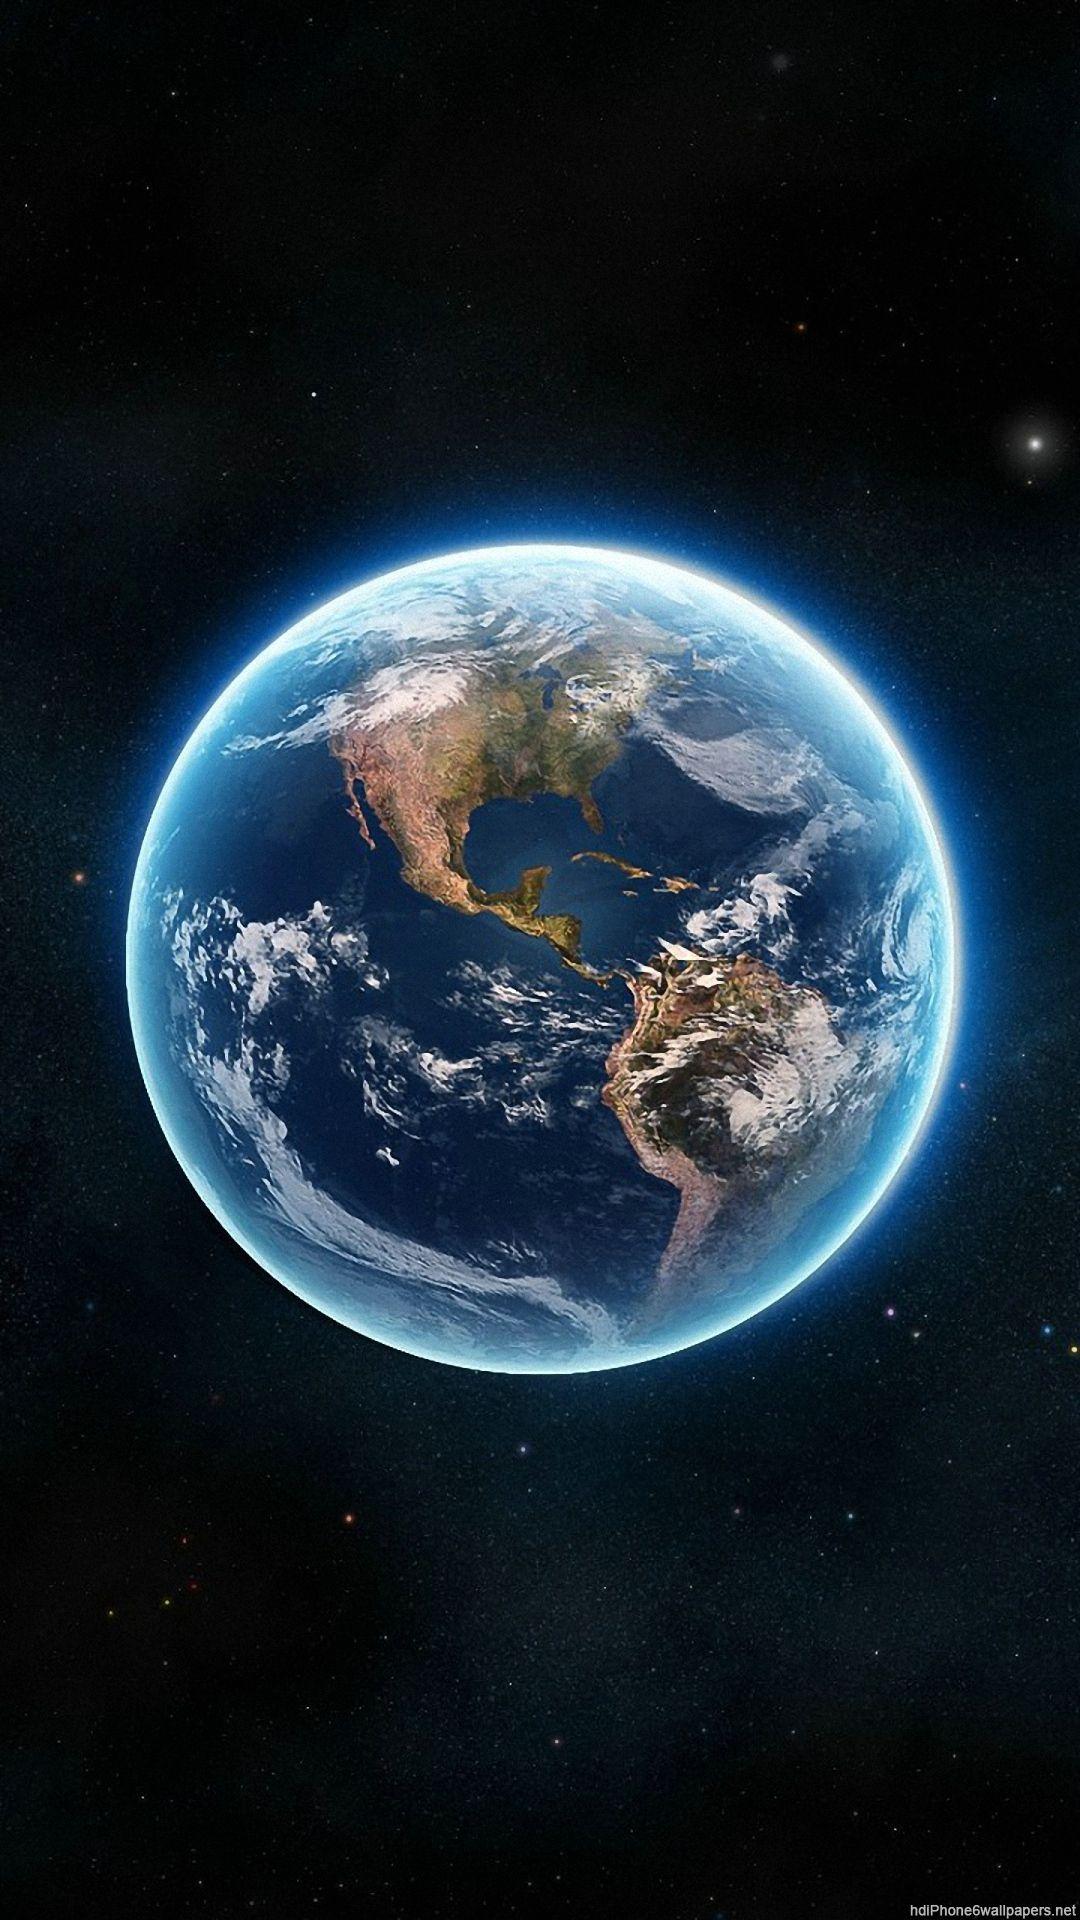 Fondos del Espacio y el Universo para celular Android e